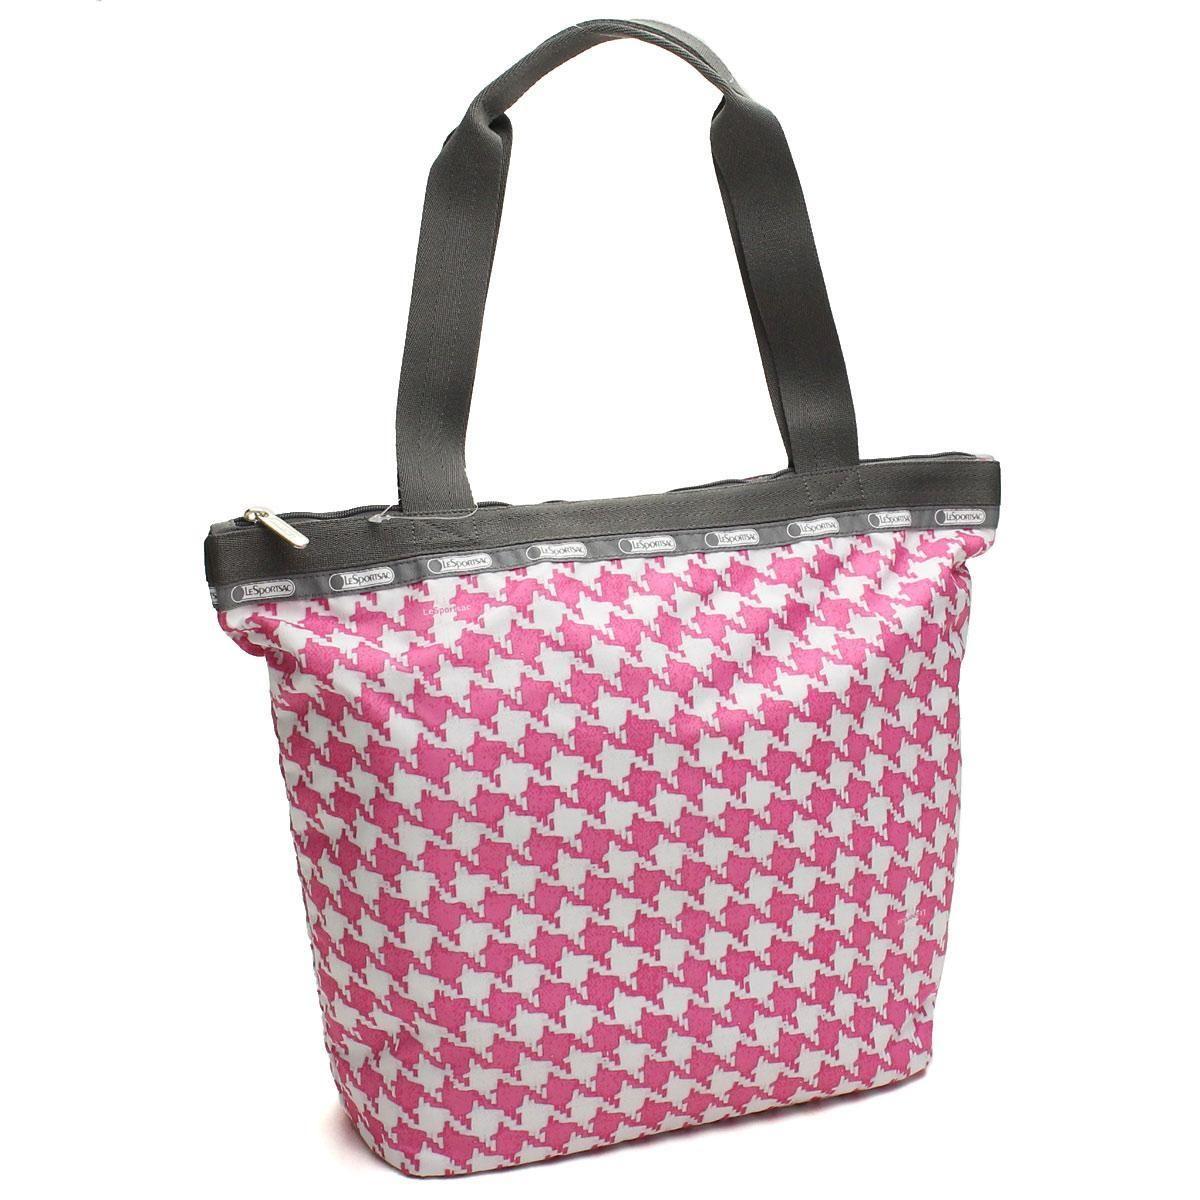 レスポートサック (Le Sport sac) トートバッグ3247 D597ホワイト系ピンク系